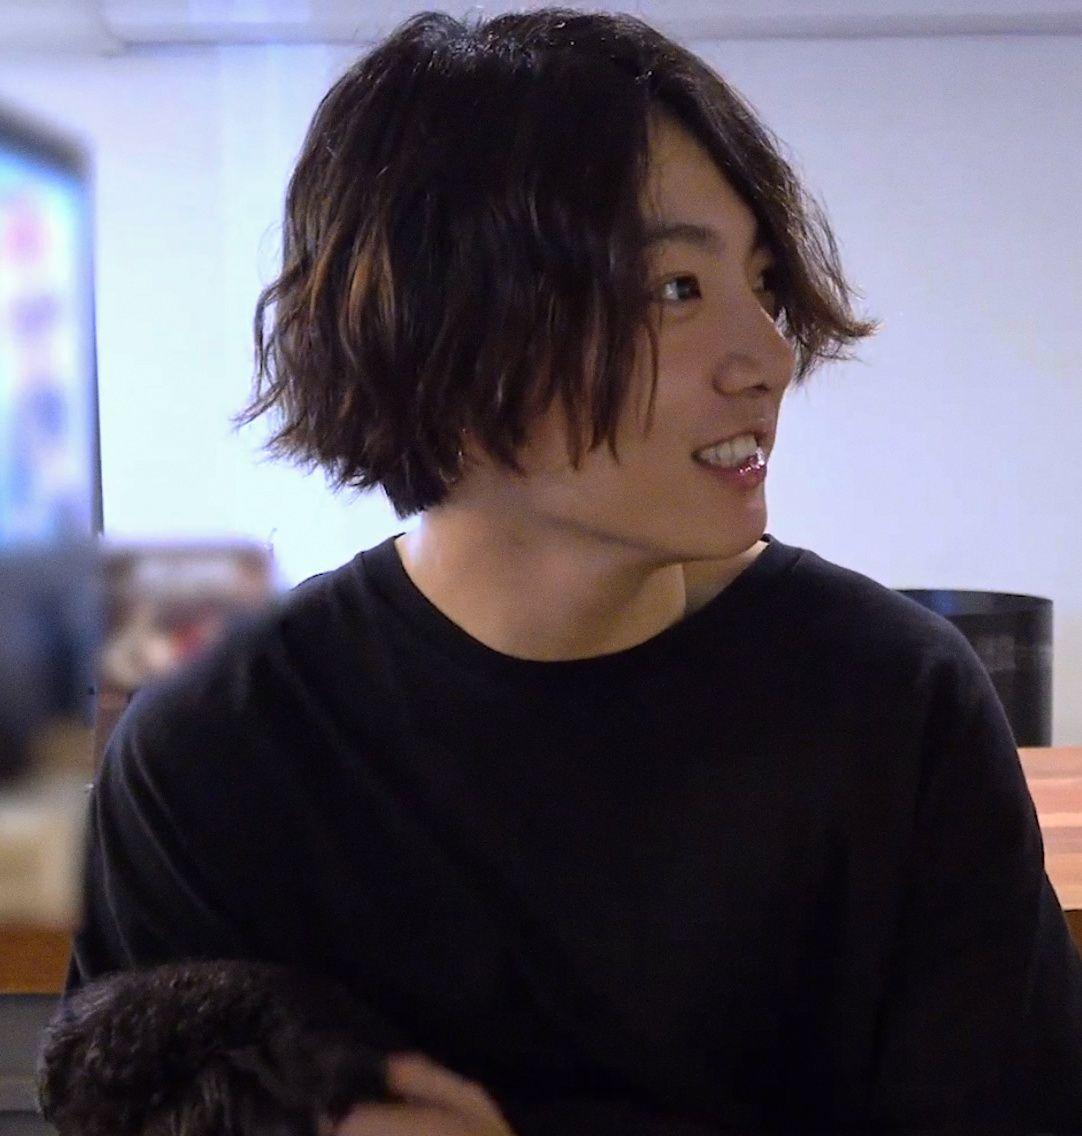 jungkook long hair #jungkooklonghair